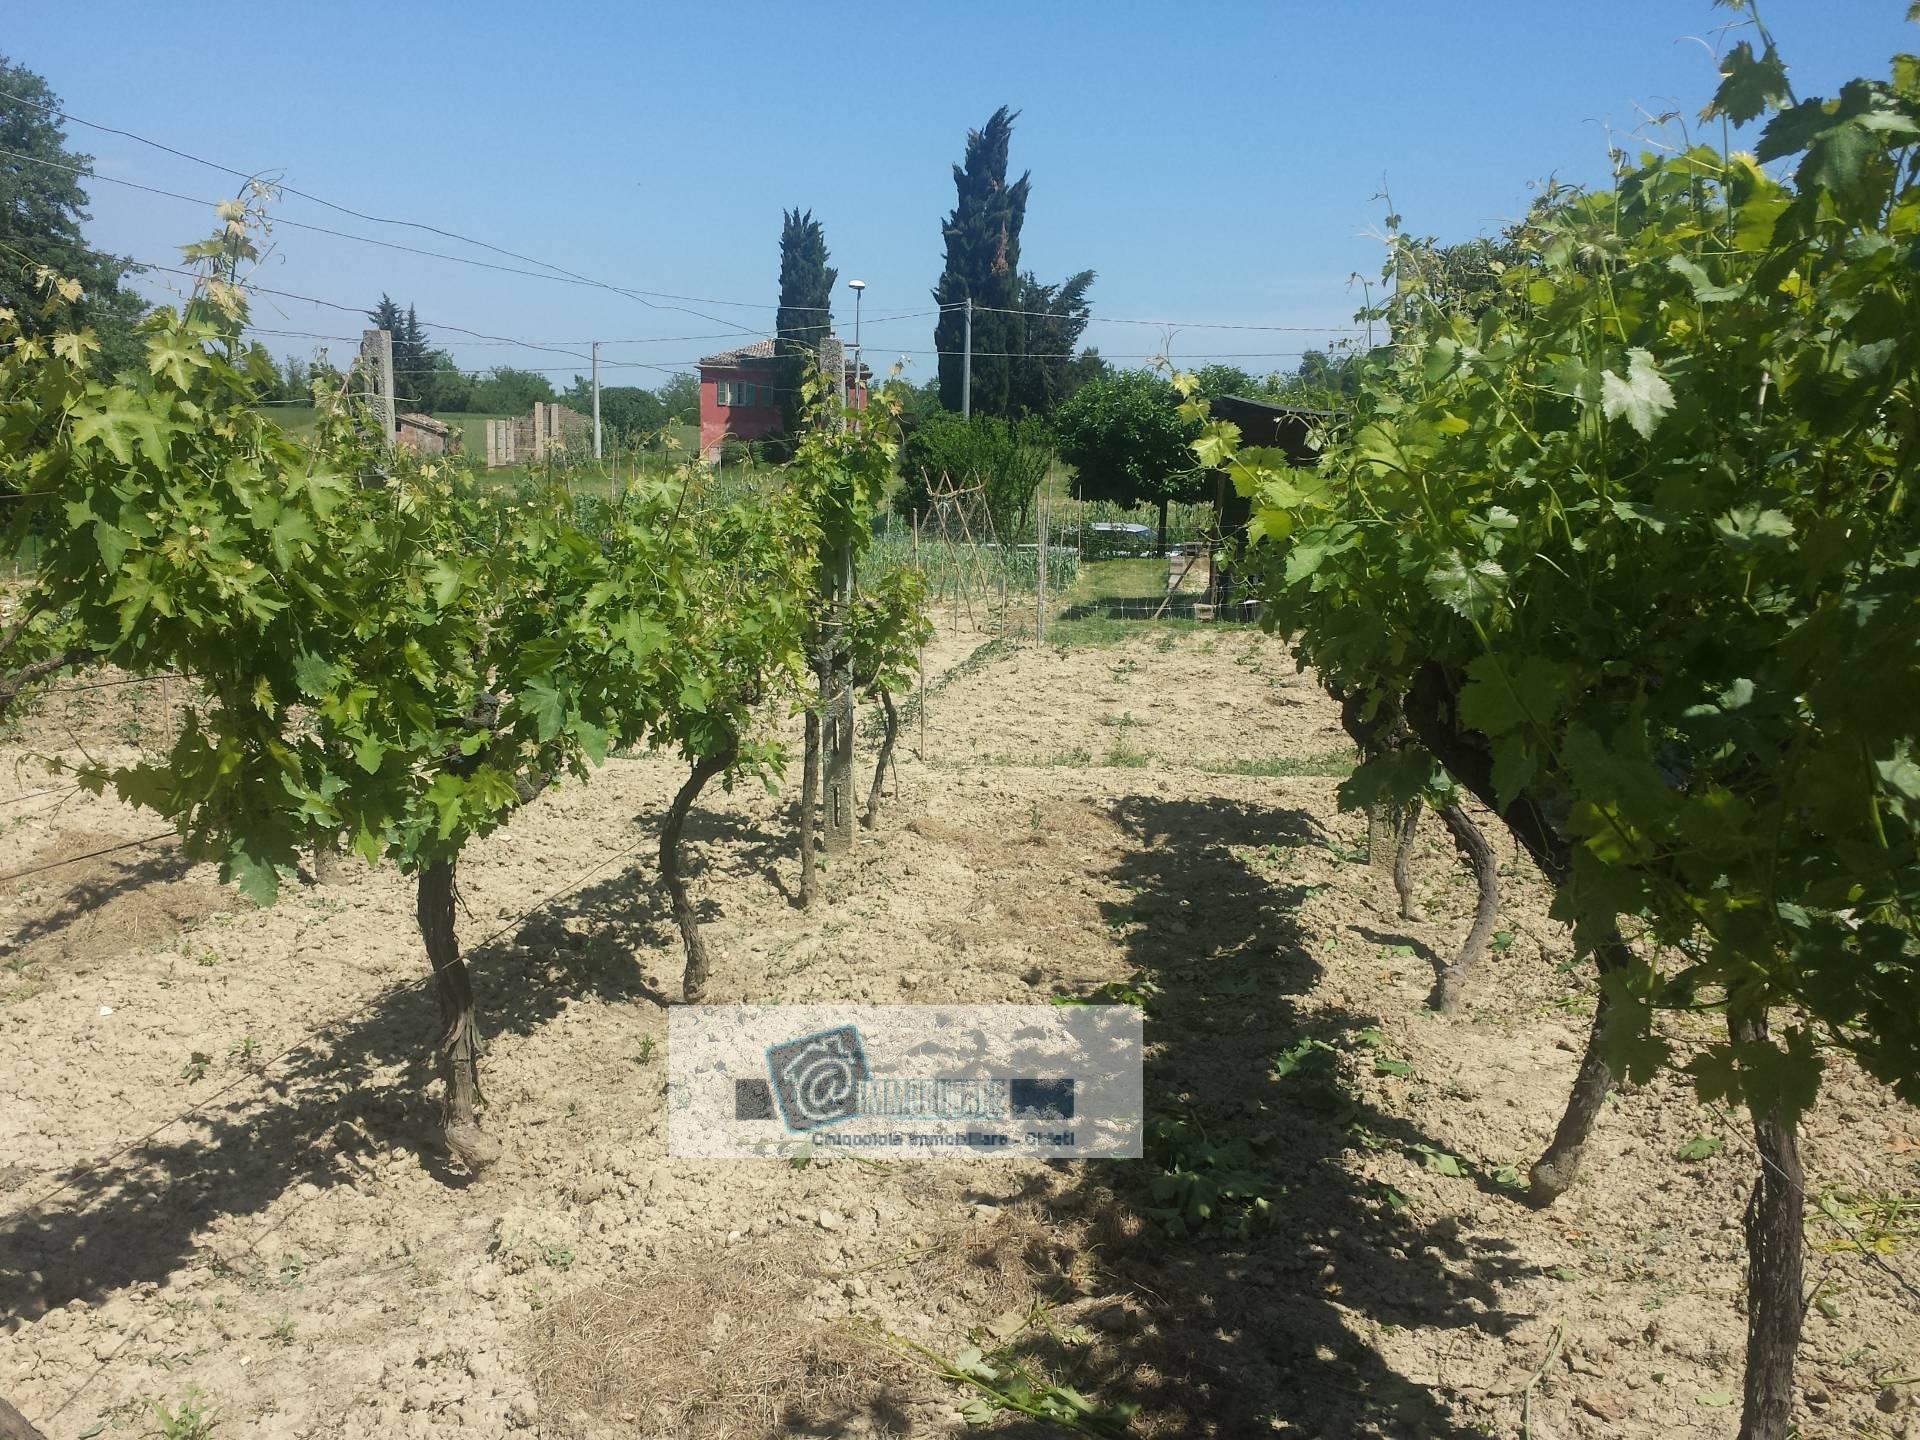 Terreno Edificabile Residenziale in vendita a Chieti, 9999 locali, zona Zona: Periferia, prezzo € 30.000 | CambioCasa.it